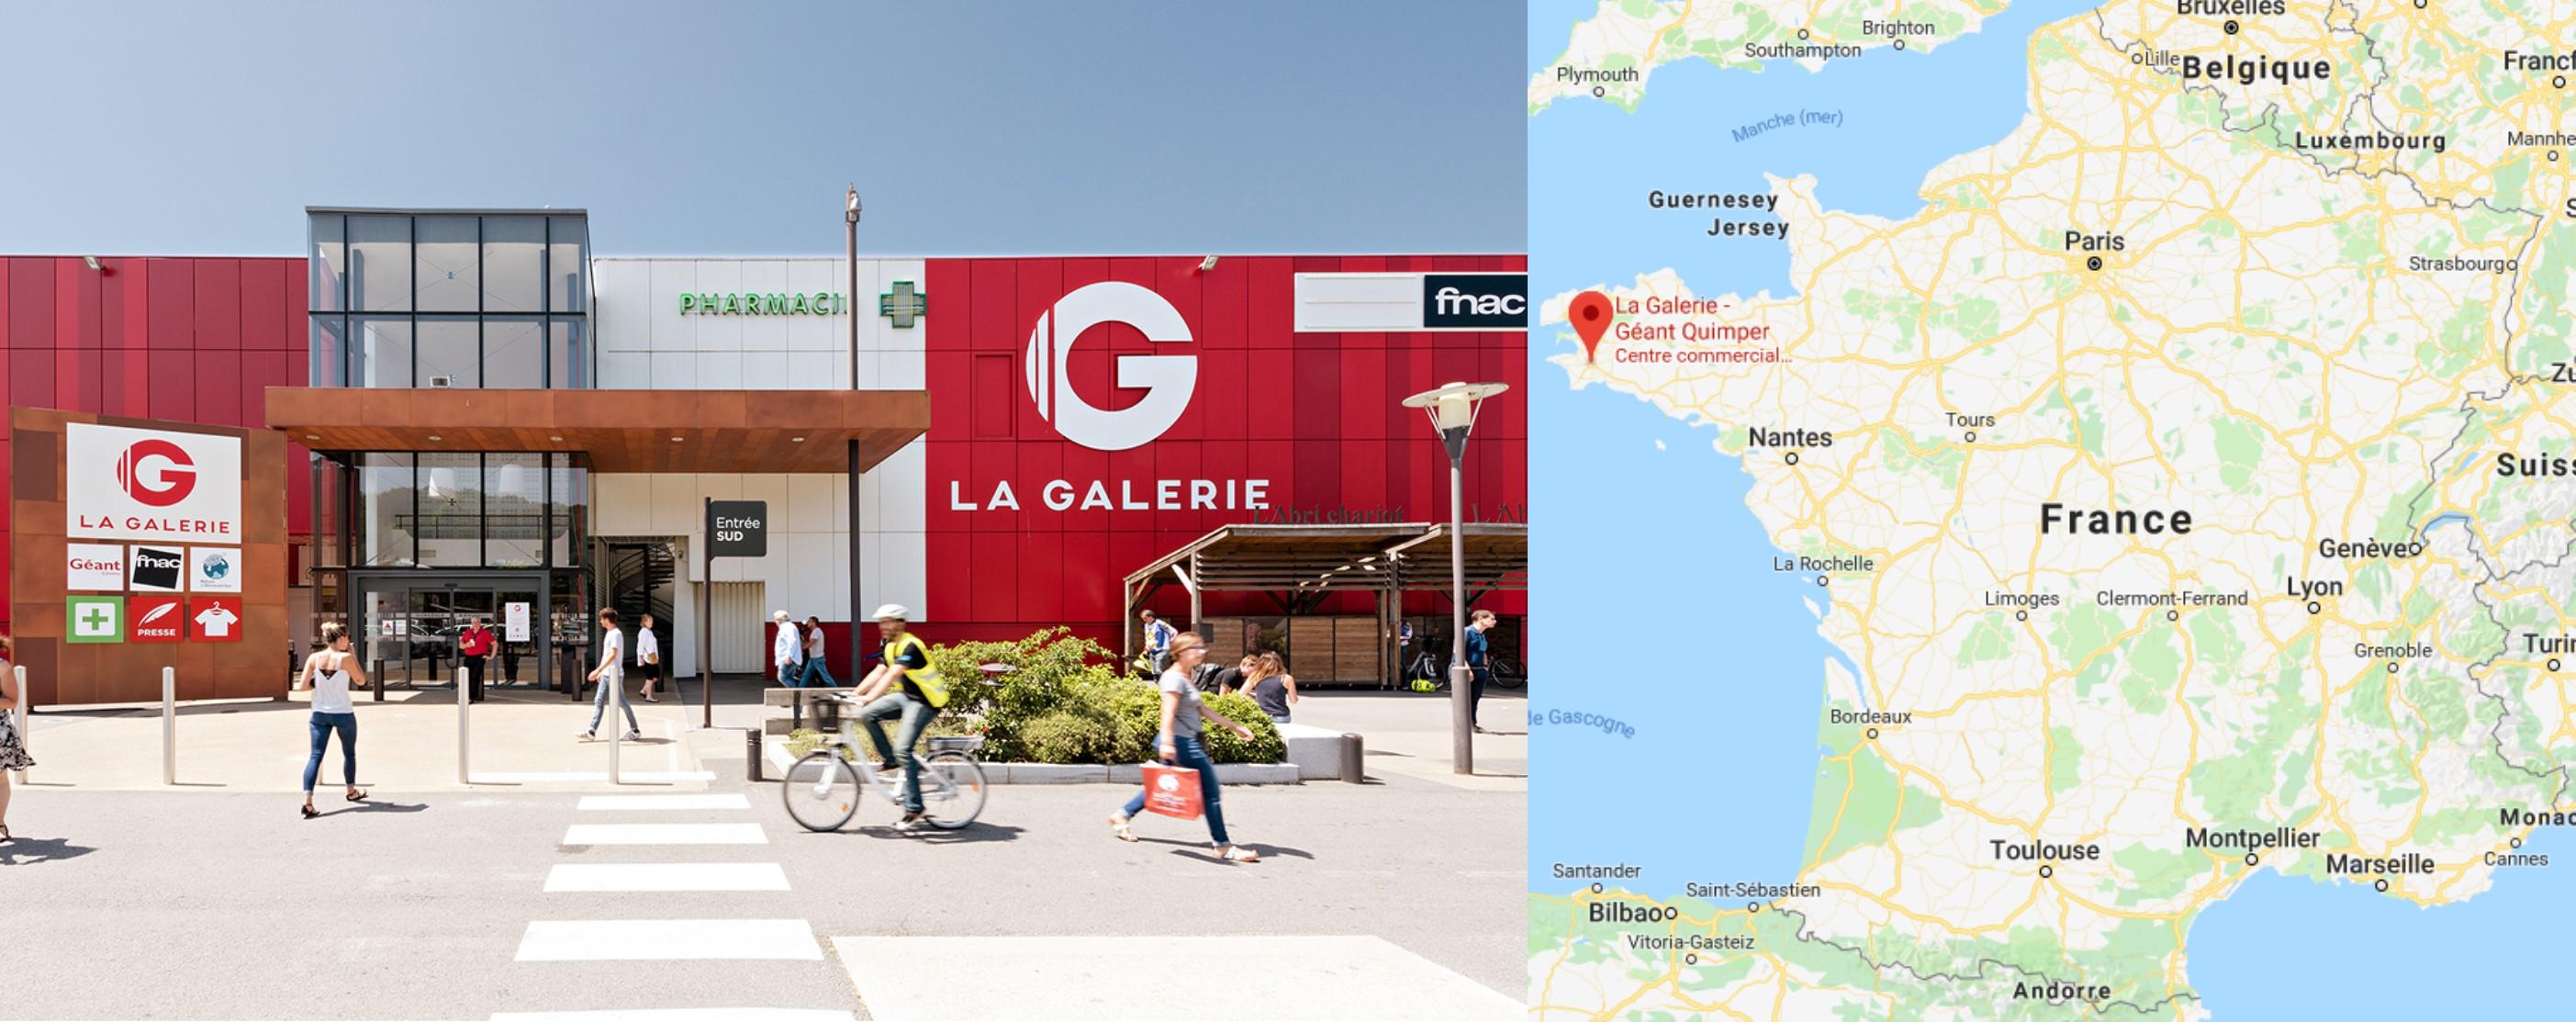 Centre commercial La Galerie Géant à Quimper